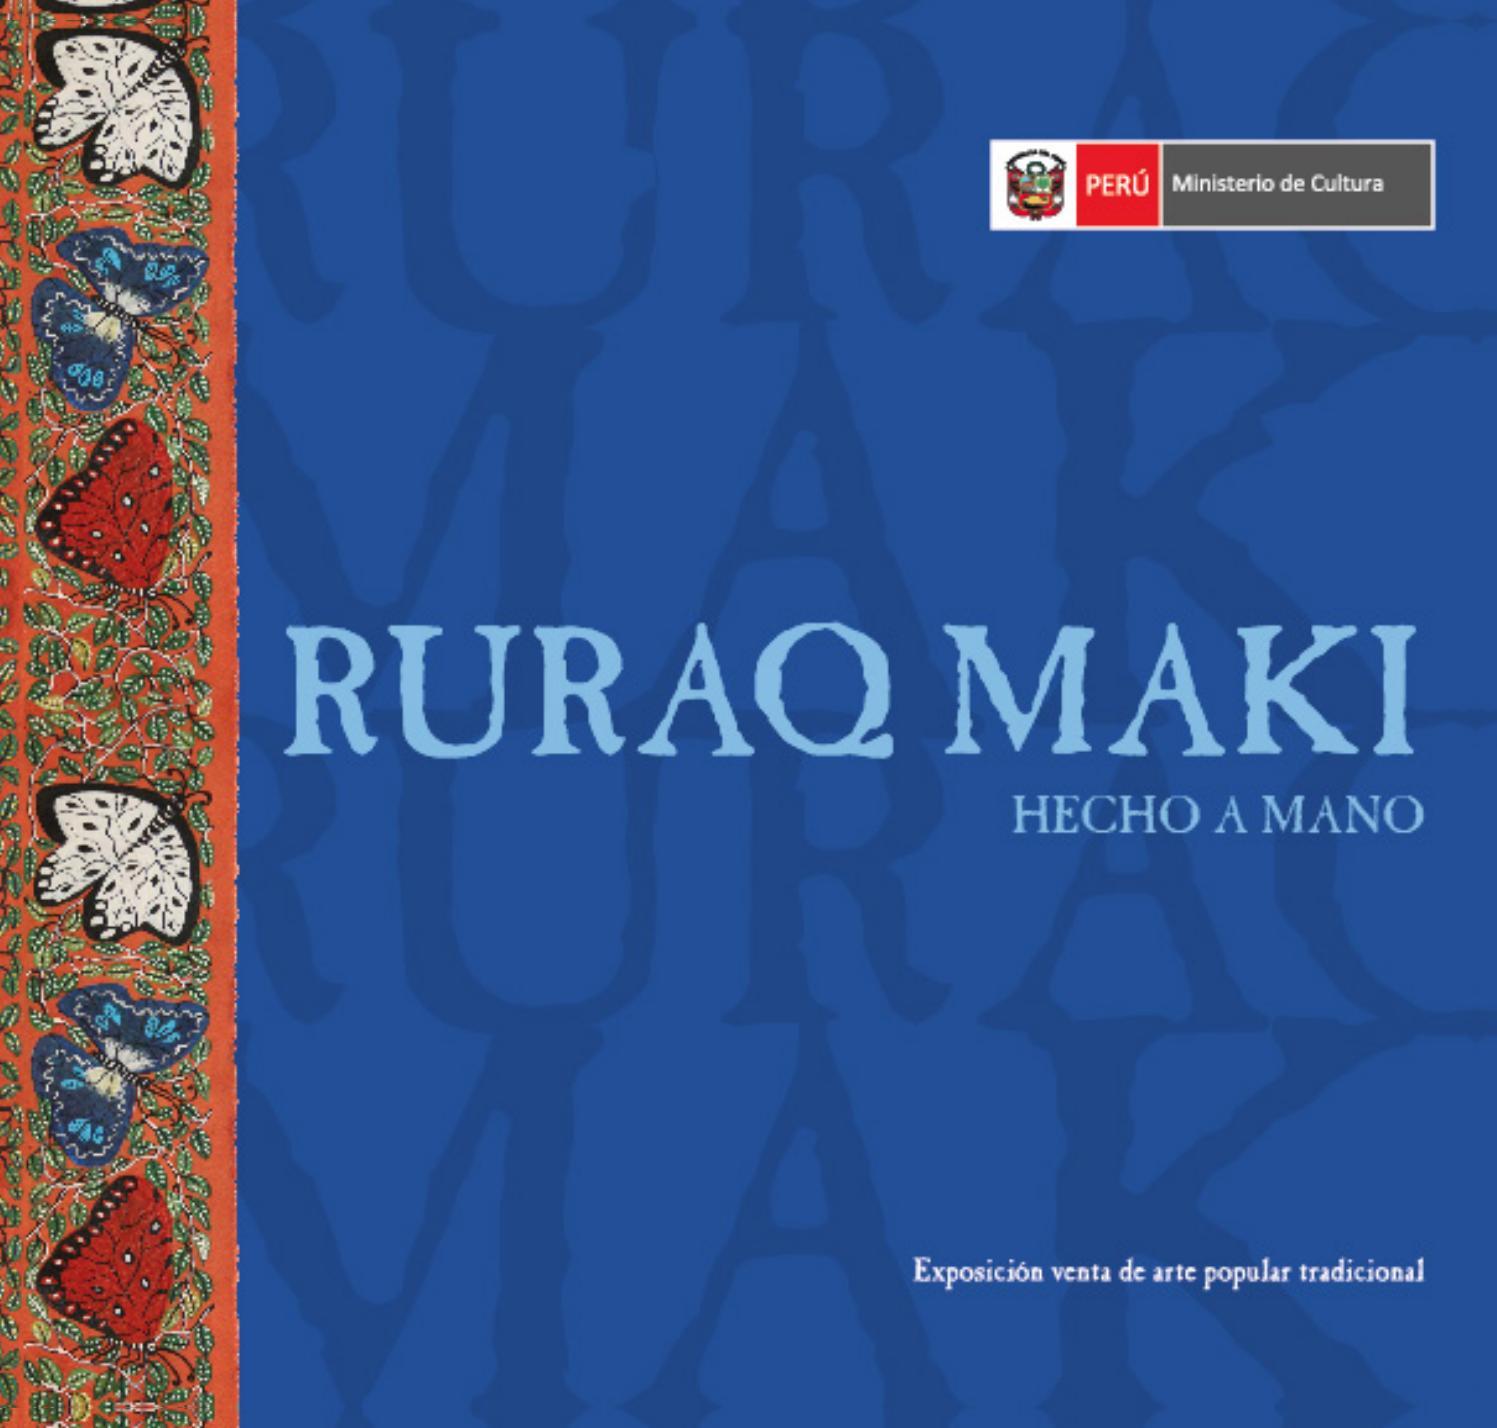 Ruraq Maki 2018 by Ministerio de Cultura - issuu